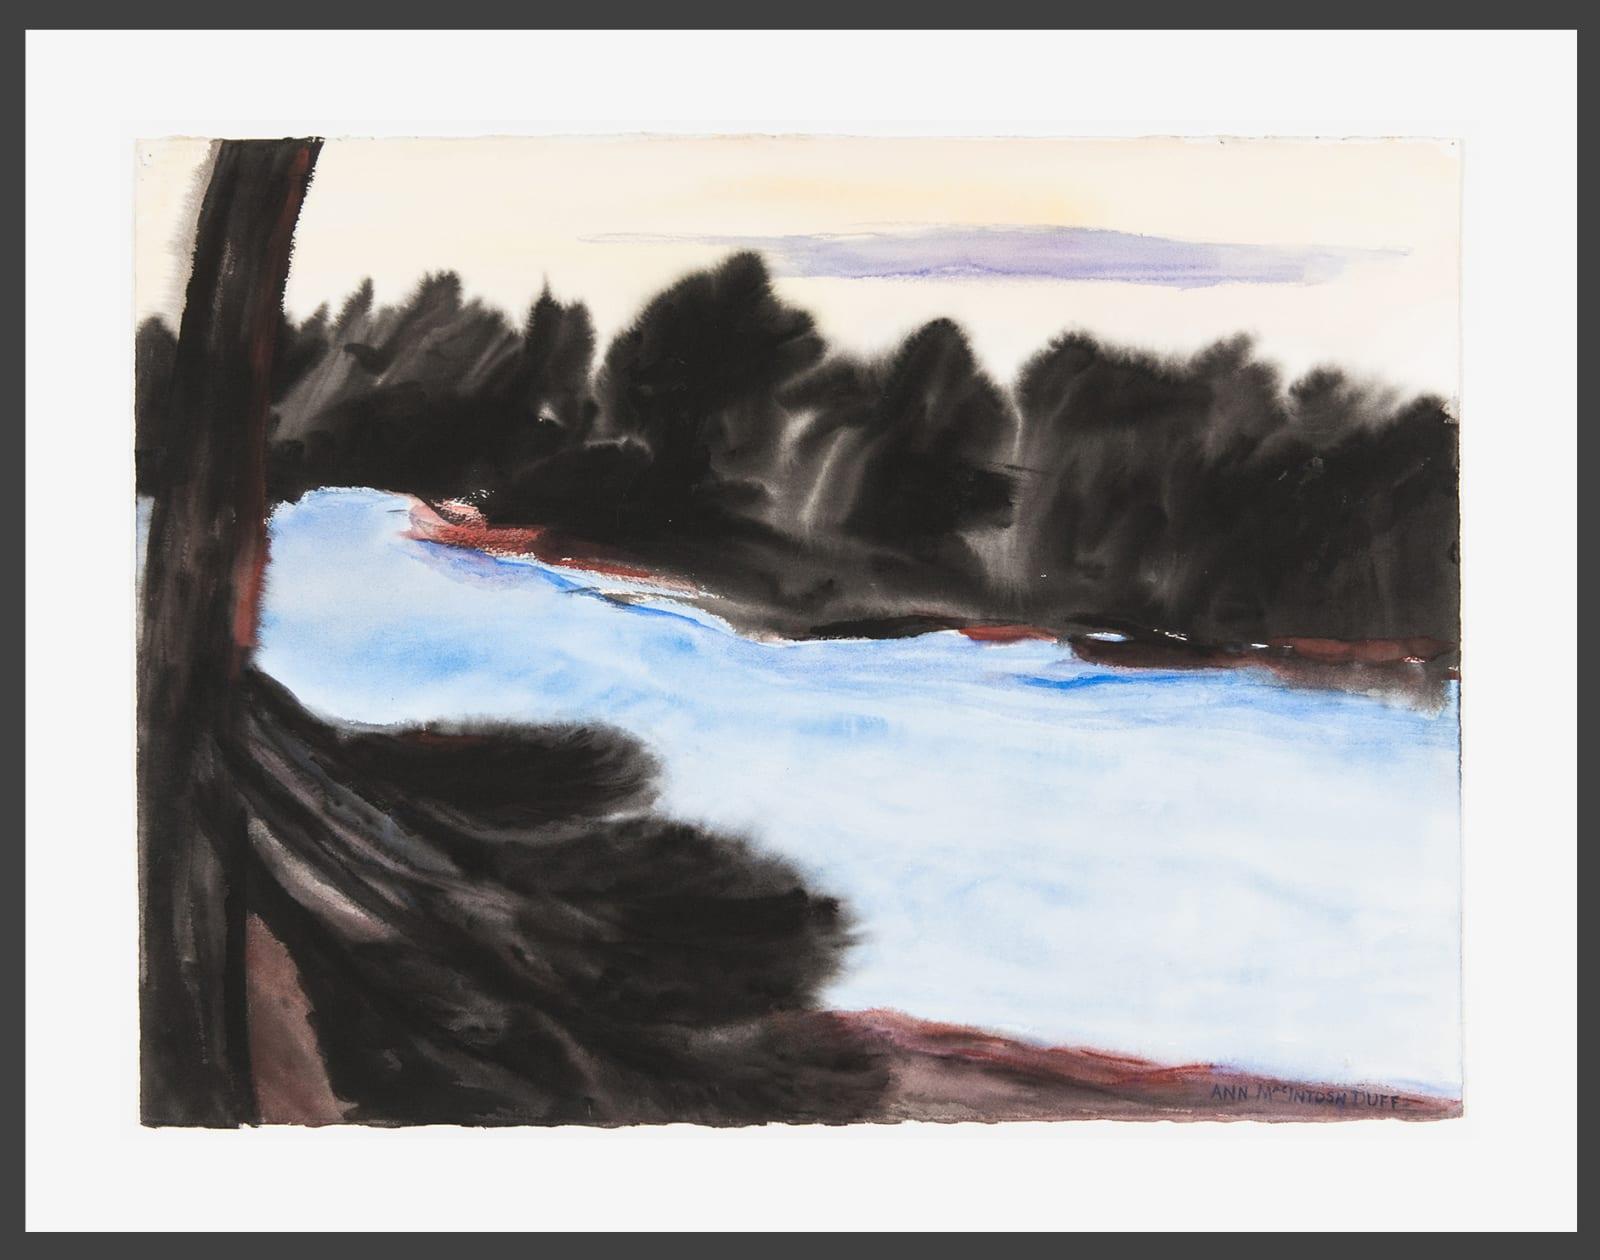 Ann MacIntosh Duff, The Magnificent Wilderness, c. 2010